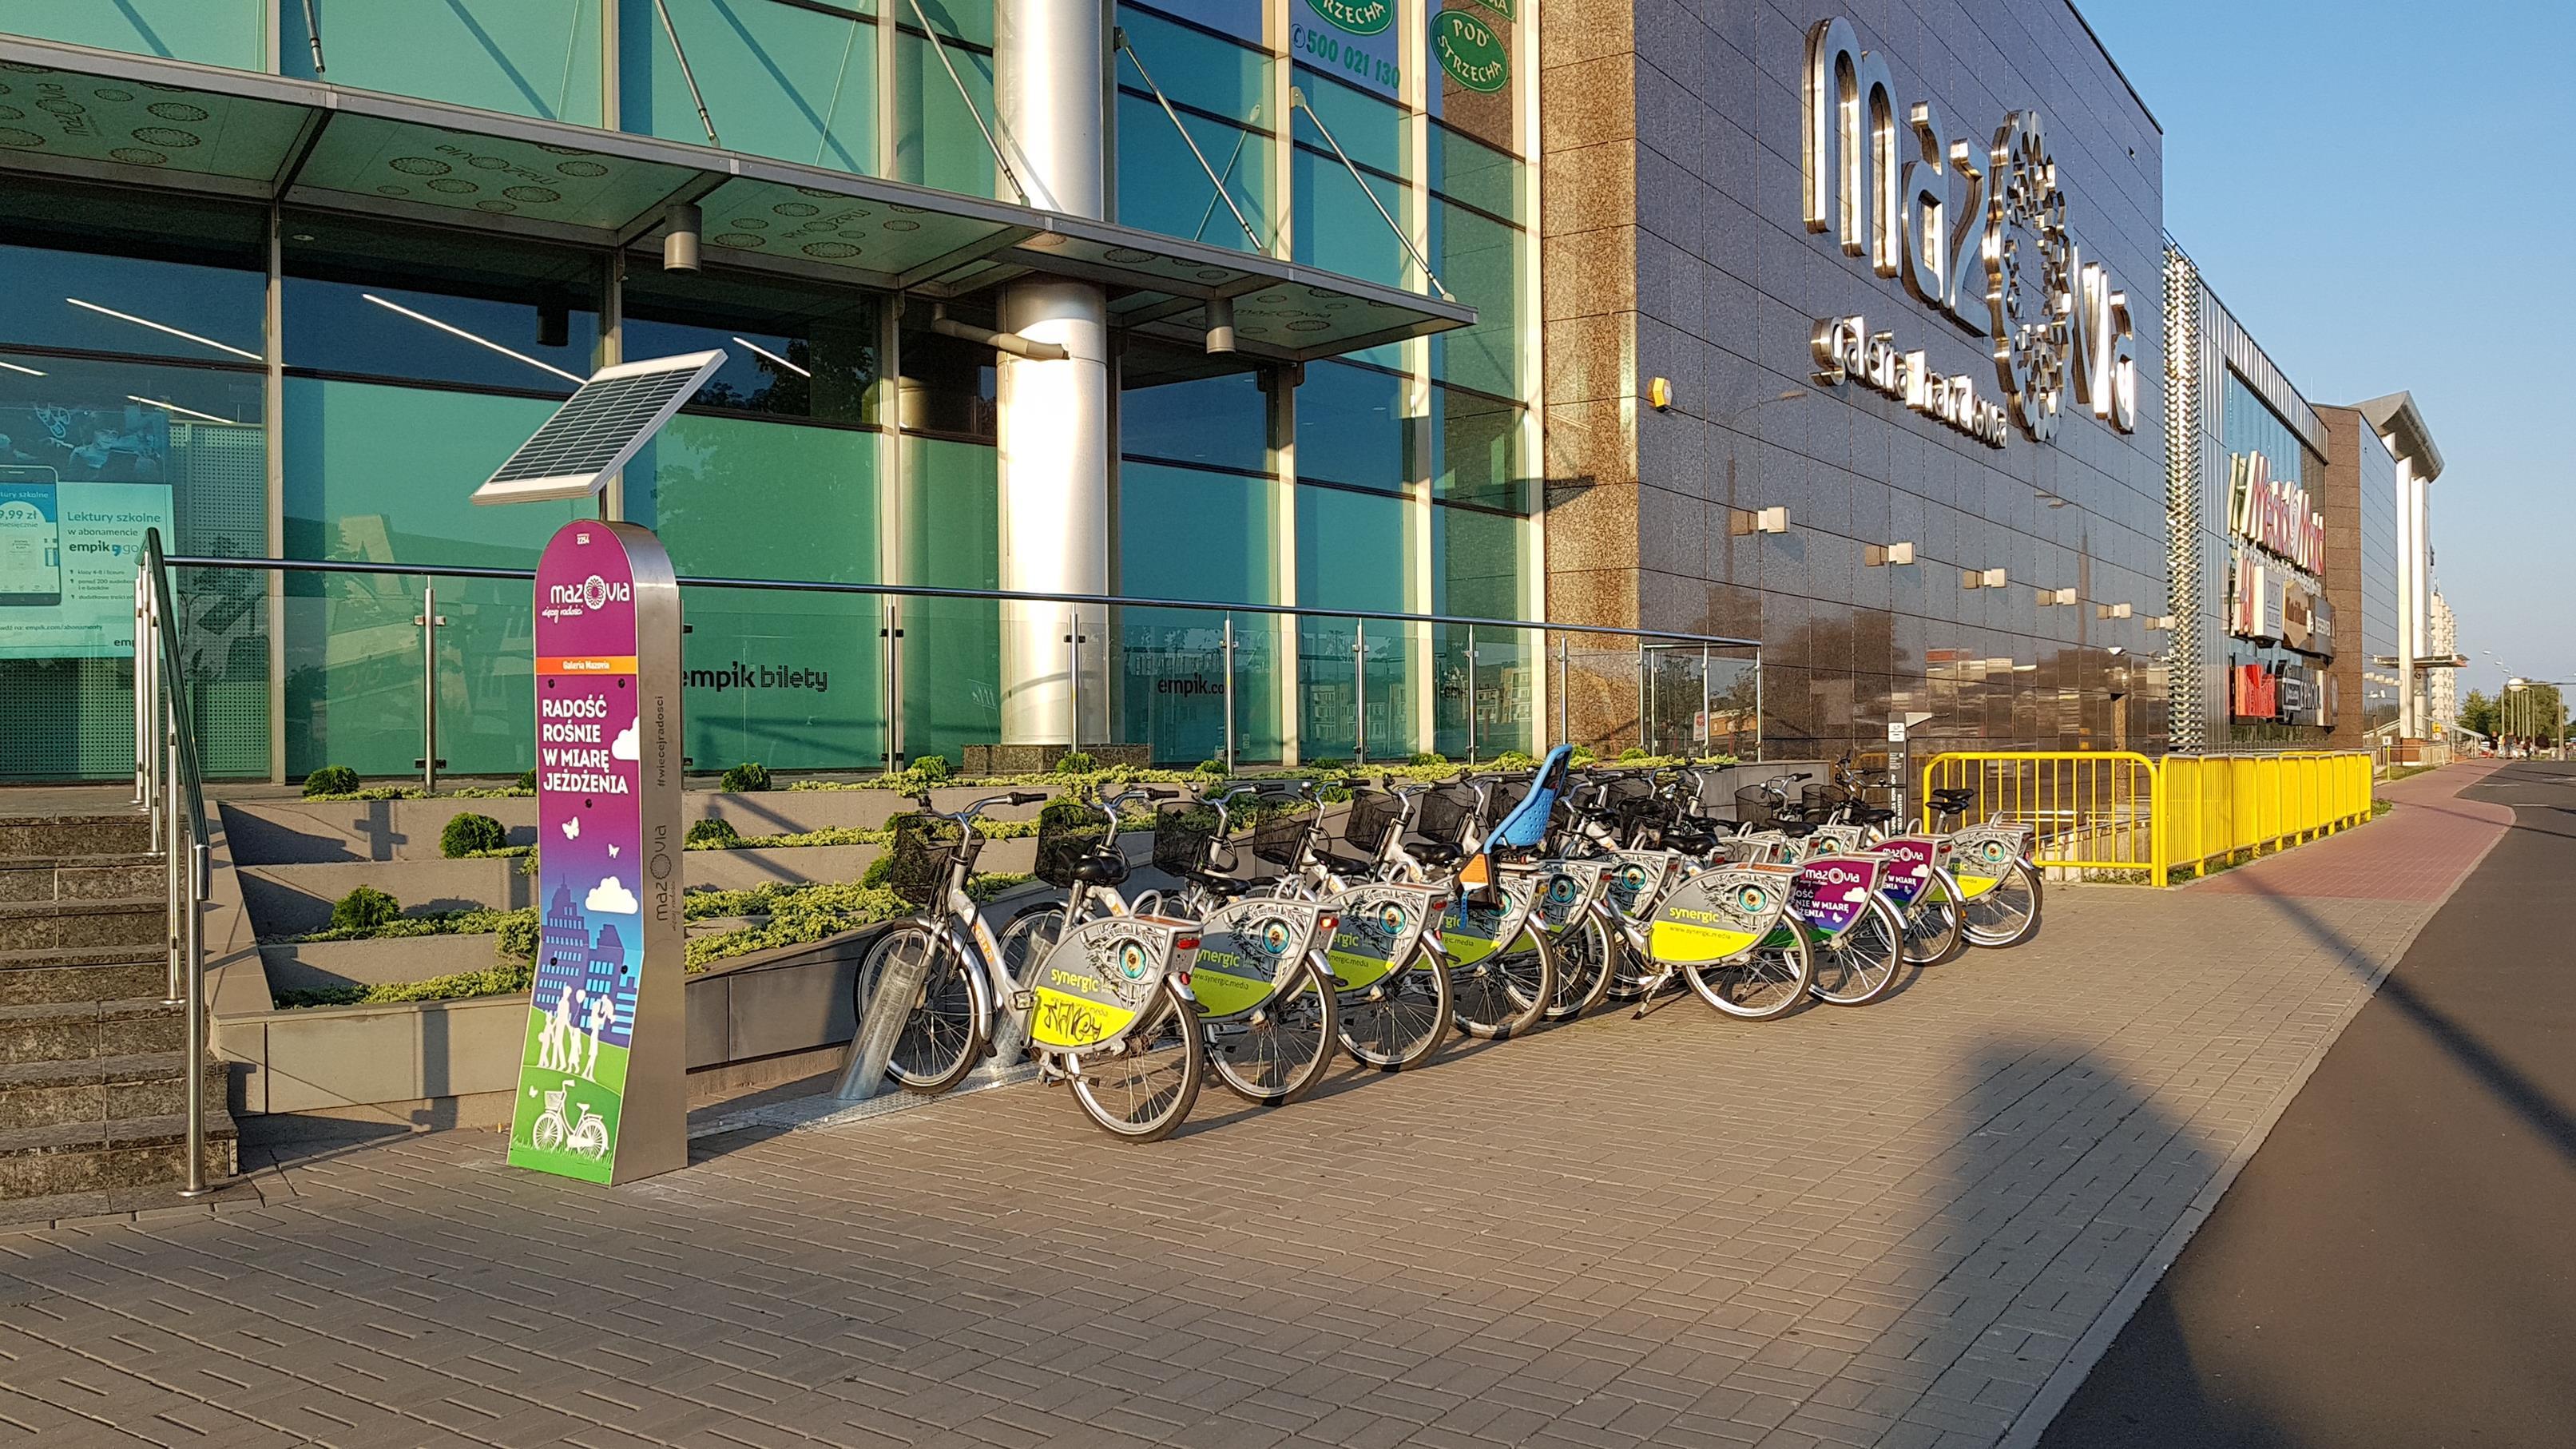 Umowa na rower miejski podpisana. A co jeśli wrócą obostrzenia?  - Zdjęcie główne